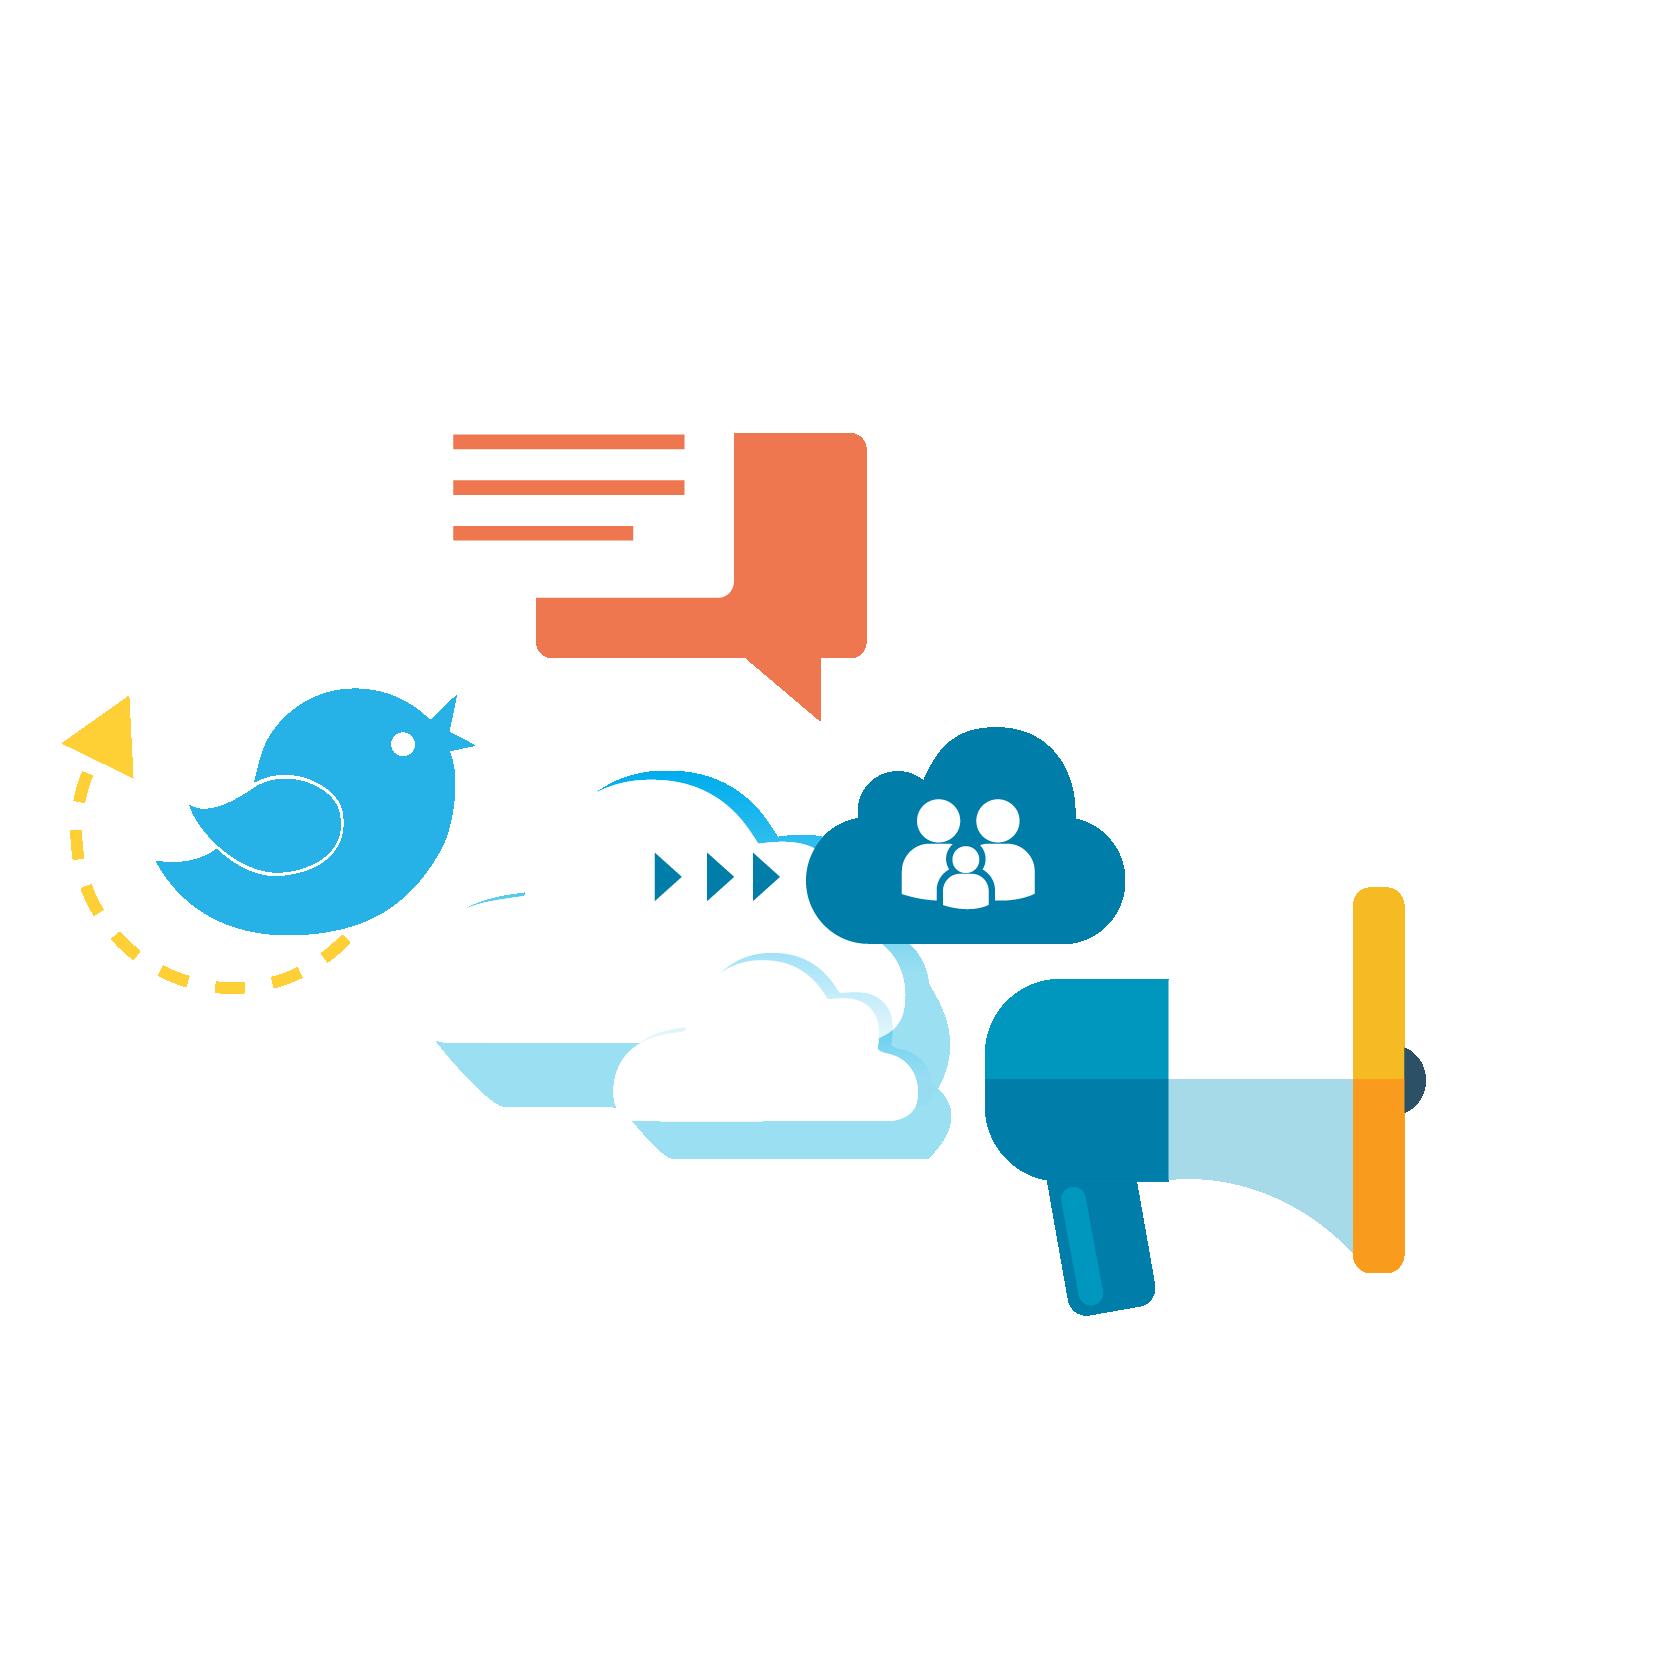 gazzaroo webdesign services webdevelopment branding design social media managemenet seo pretoria 03 - Social Media Management